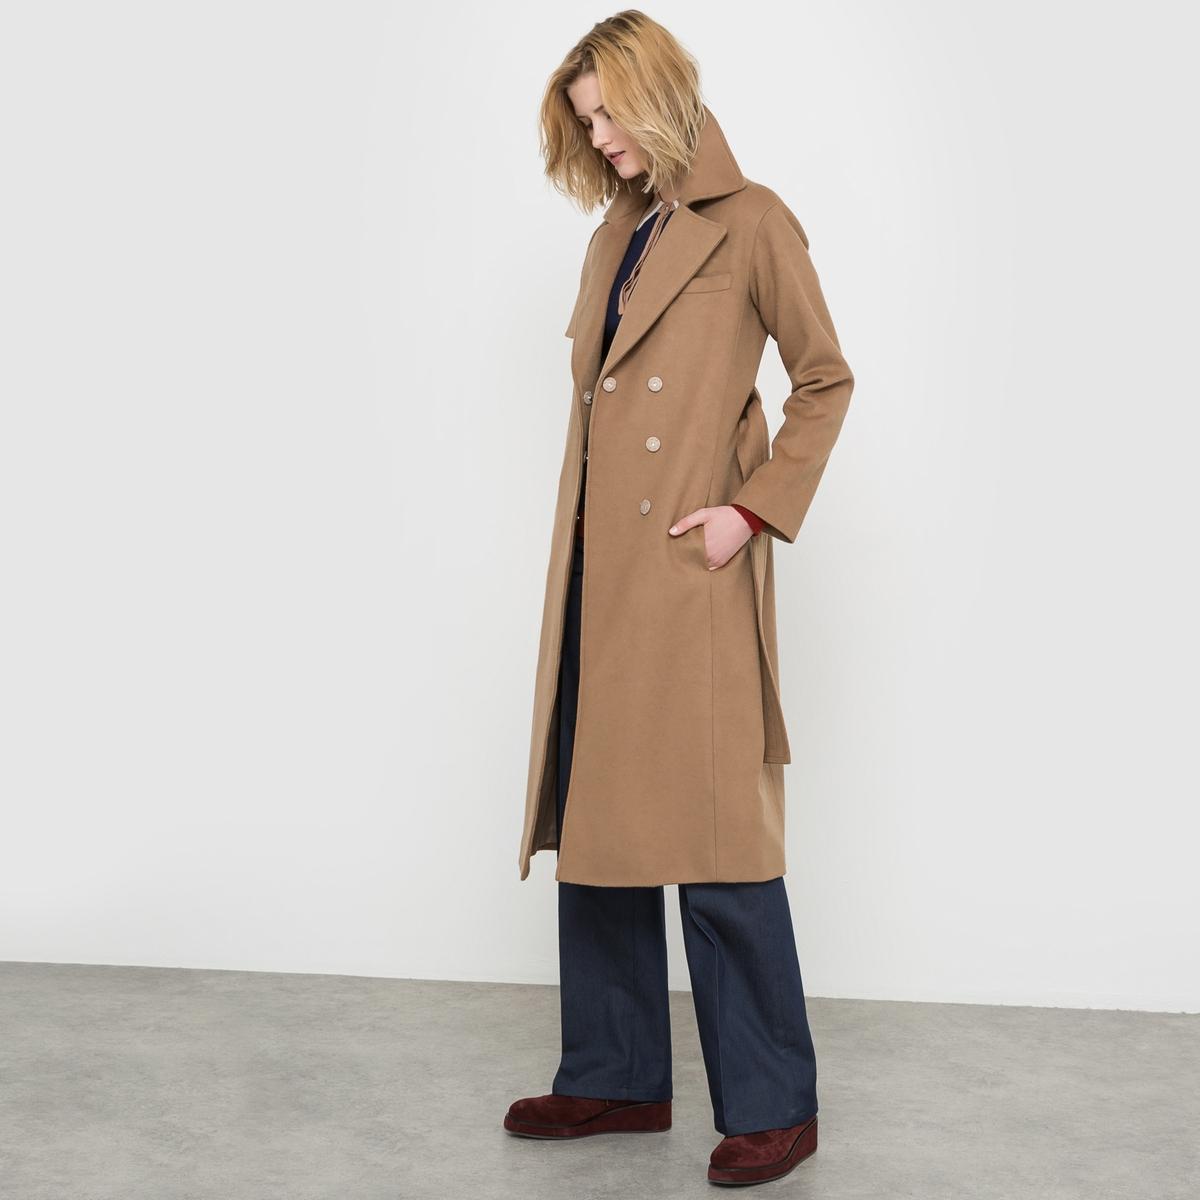 Пальто длинное из шерстяного драпа, 63% шерстиПальто из шерстяного драпа. Скрытая застёжка на пуговицы. Пиджачный воротник. Нагрудный карман. Пояс завязывается под шлевками. Отлётные кокетки спереди и сзади. 2 кармана по бокам. Состав и описание:Материал: 63% шерсти, 30% полиамида, 7% других волокон.Подкладка: 100% полиэстера. Длина: 110 см.Марка: atelier R.Уход:- Сухая чистка.- Гладить при низкой температуре.<br><br>Цвет: темно-бежевый<br>Размер: 44 (FR) - 50 (RUS).40 (FR) - 46 (RUS).42 (FR) - 48 (RUS).38 (FR) - 44 (RUS)